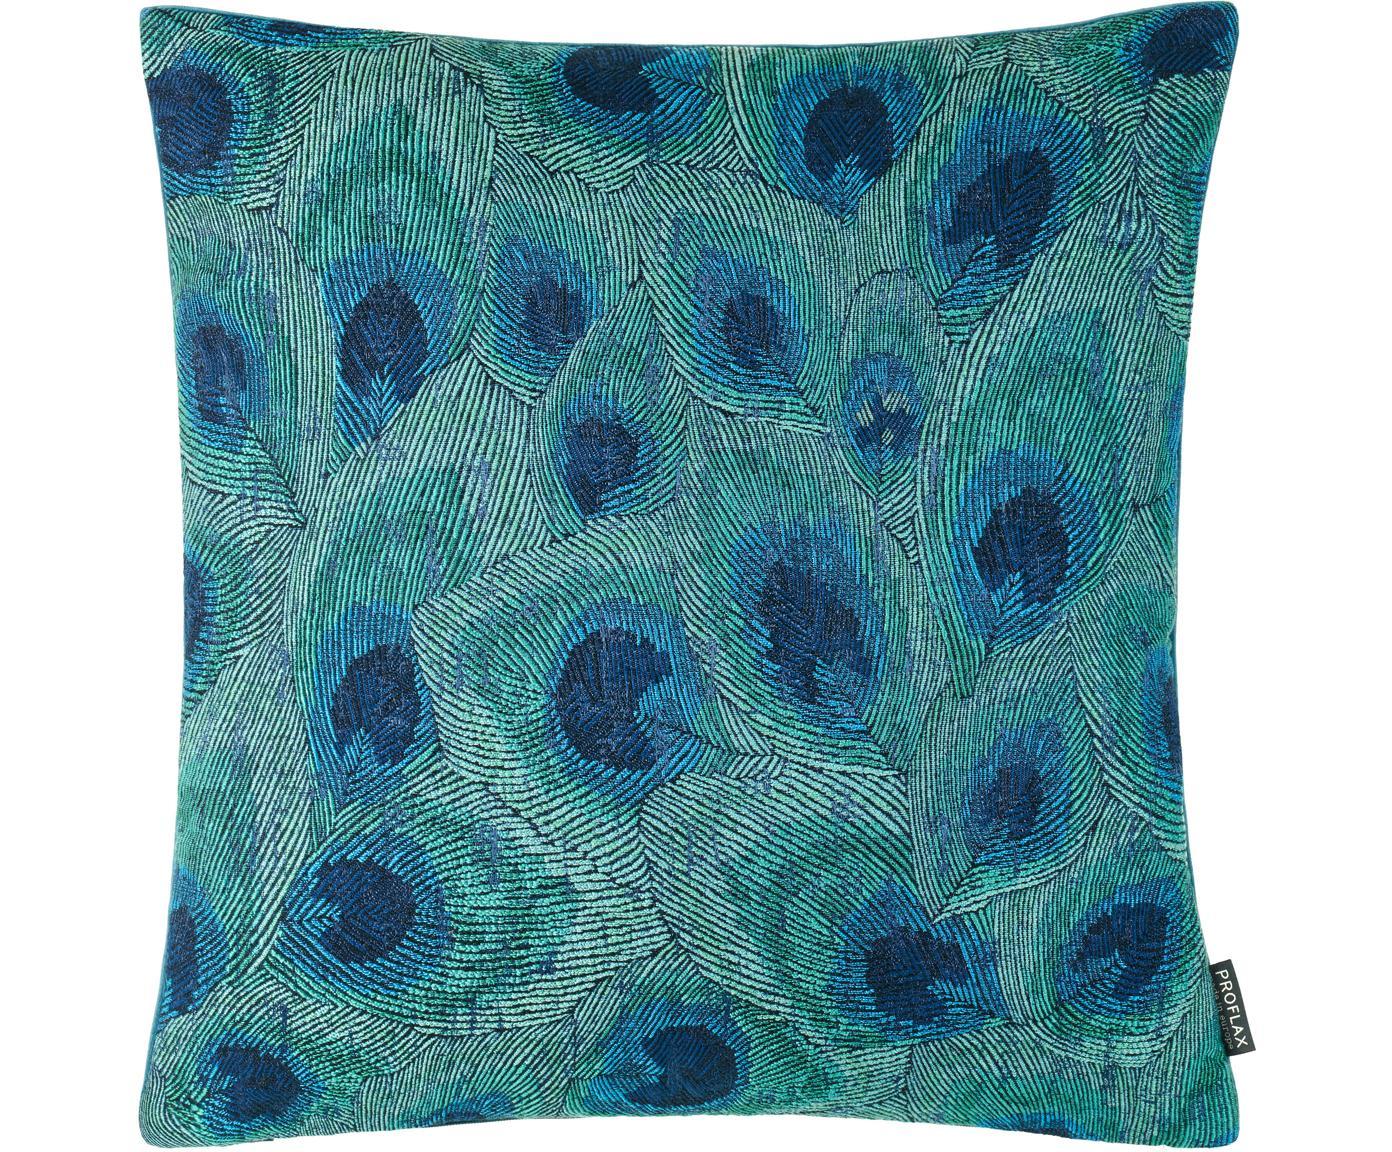 Federa arredo con motivo a piuma Piavone, Retro: velluto di poliestere, Tonalità verdi e blu, Larg. 45 x Lung. 45 cm